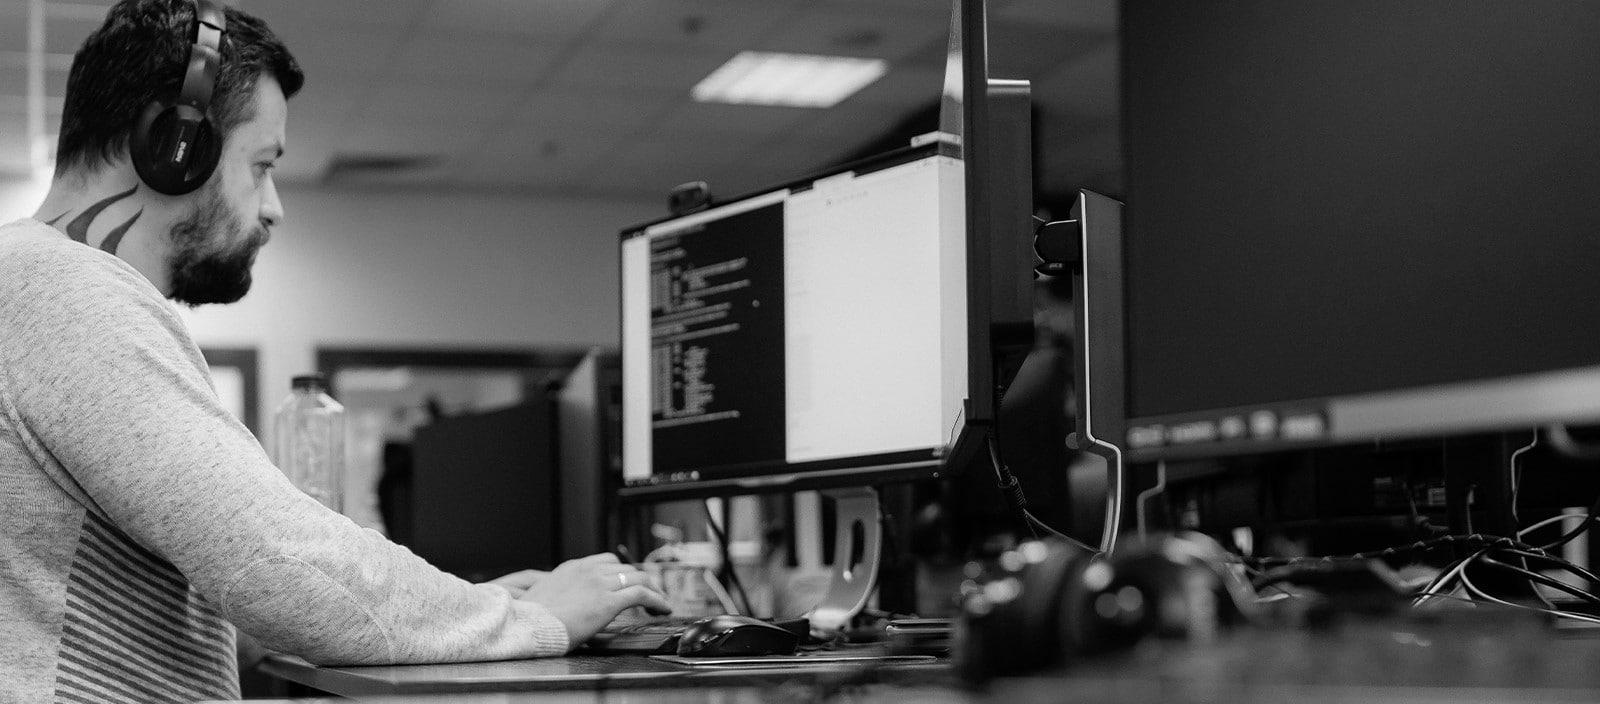 Nearshore-Outsourcing aus der Sicht eines Kunden